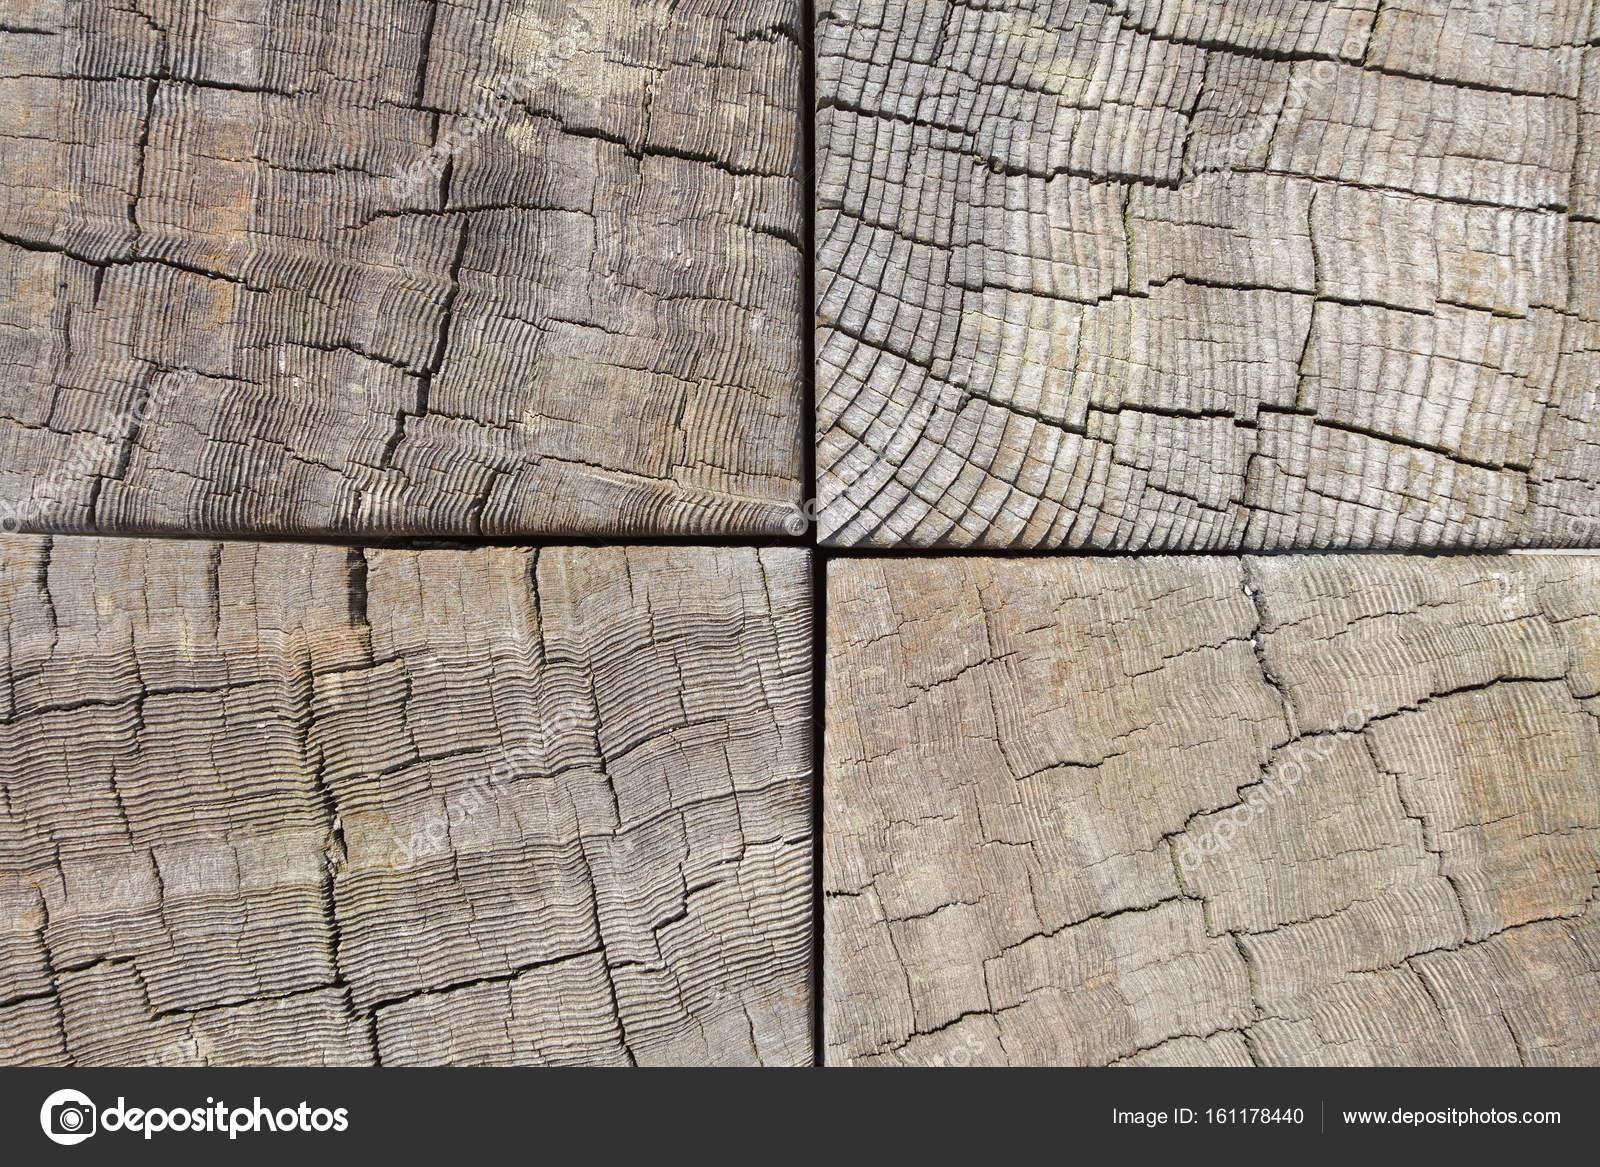 Legno Naturale Chiaro : Struttura di legno naturale chiaro u2014 foto stock © torsakarin #161178440